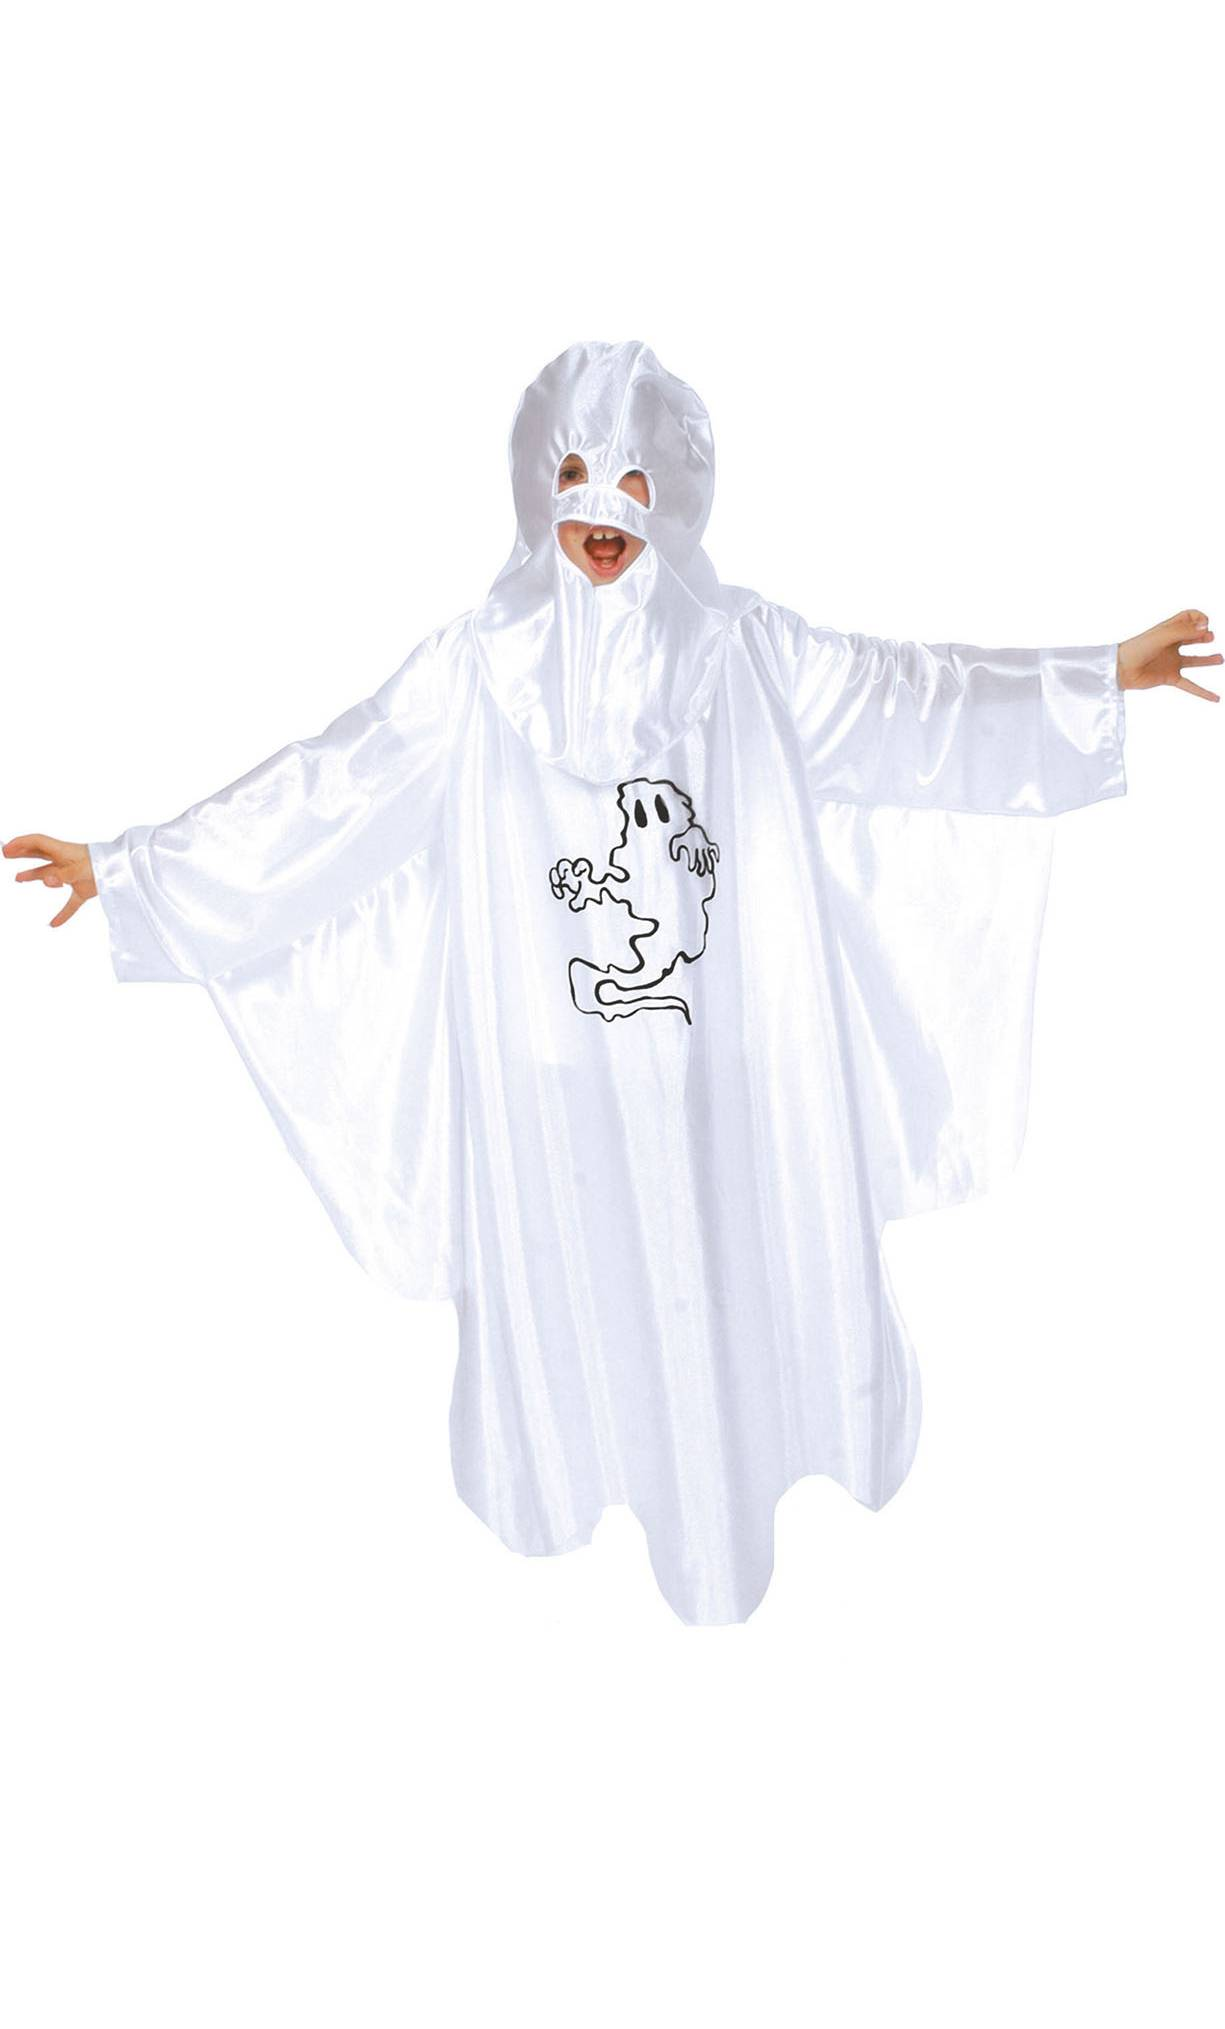 Costume-Fantôme-Enfant-pour-Halloween-2